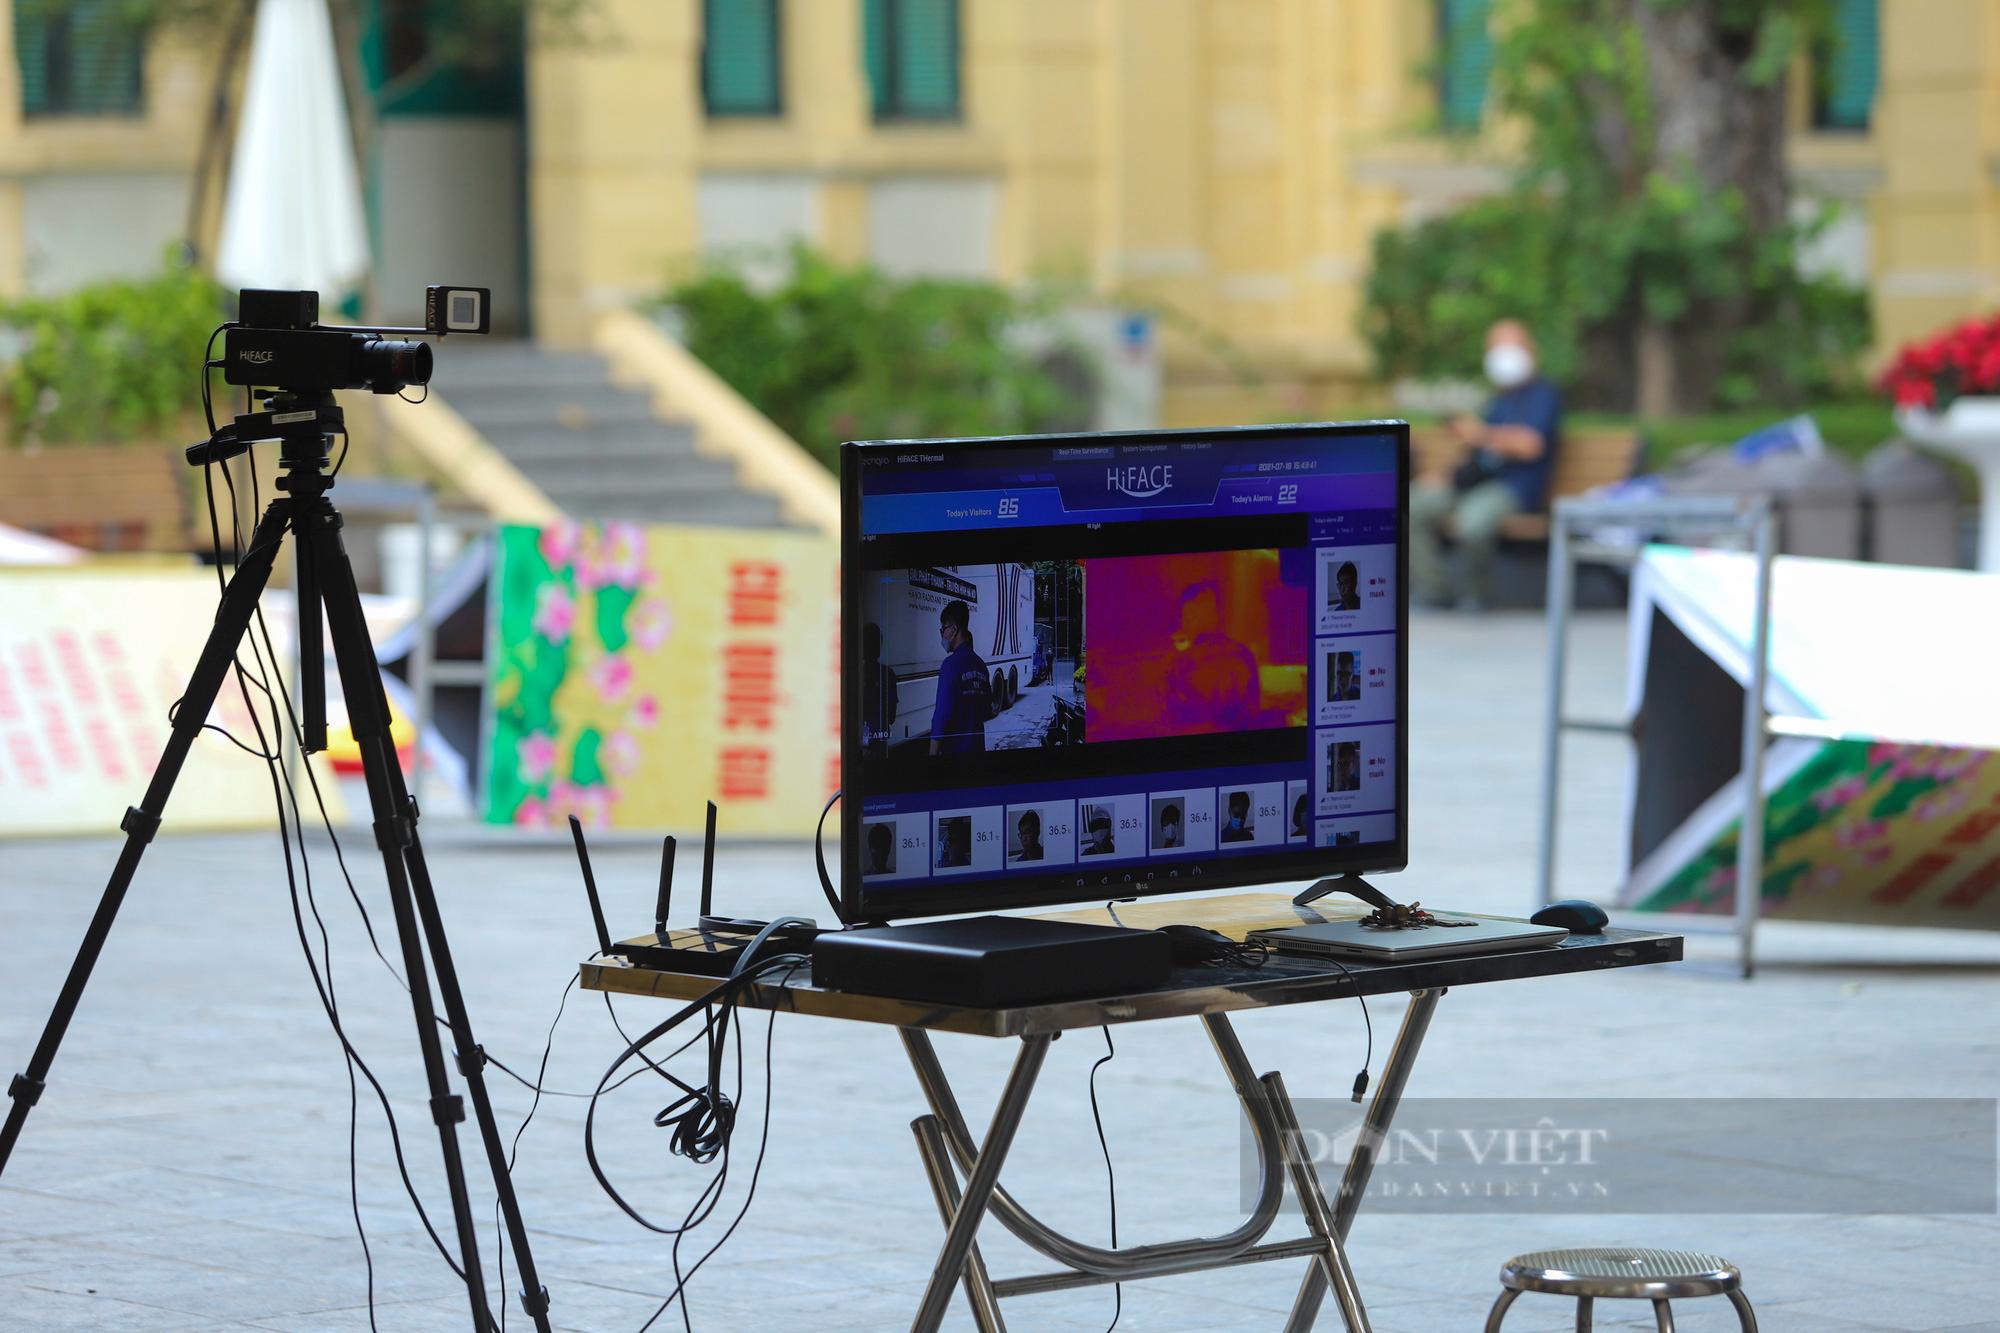 Hà Nội: Gấp rút chuẩn bị cho Lễ khai giảng online đặc biệt của Thủ đô - Ảnh 5.